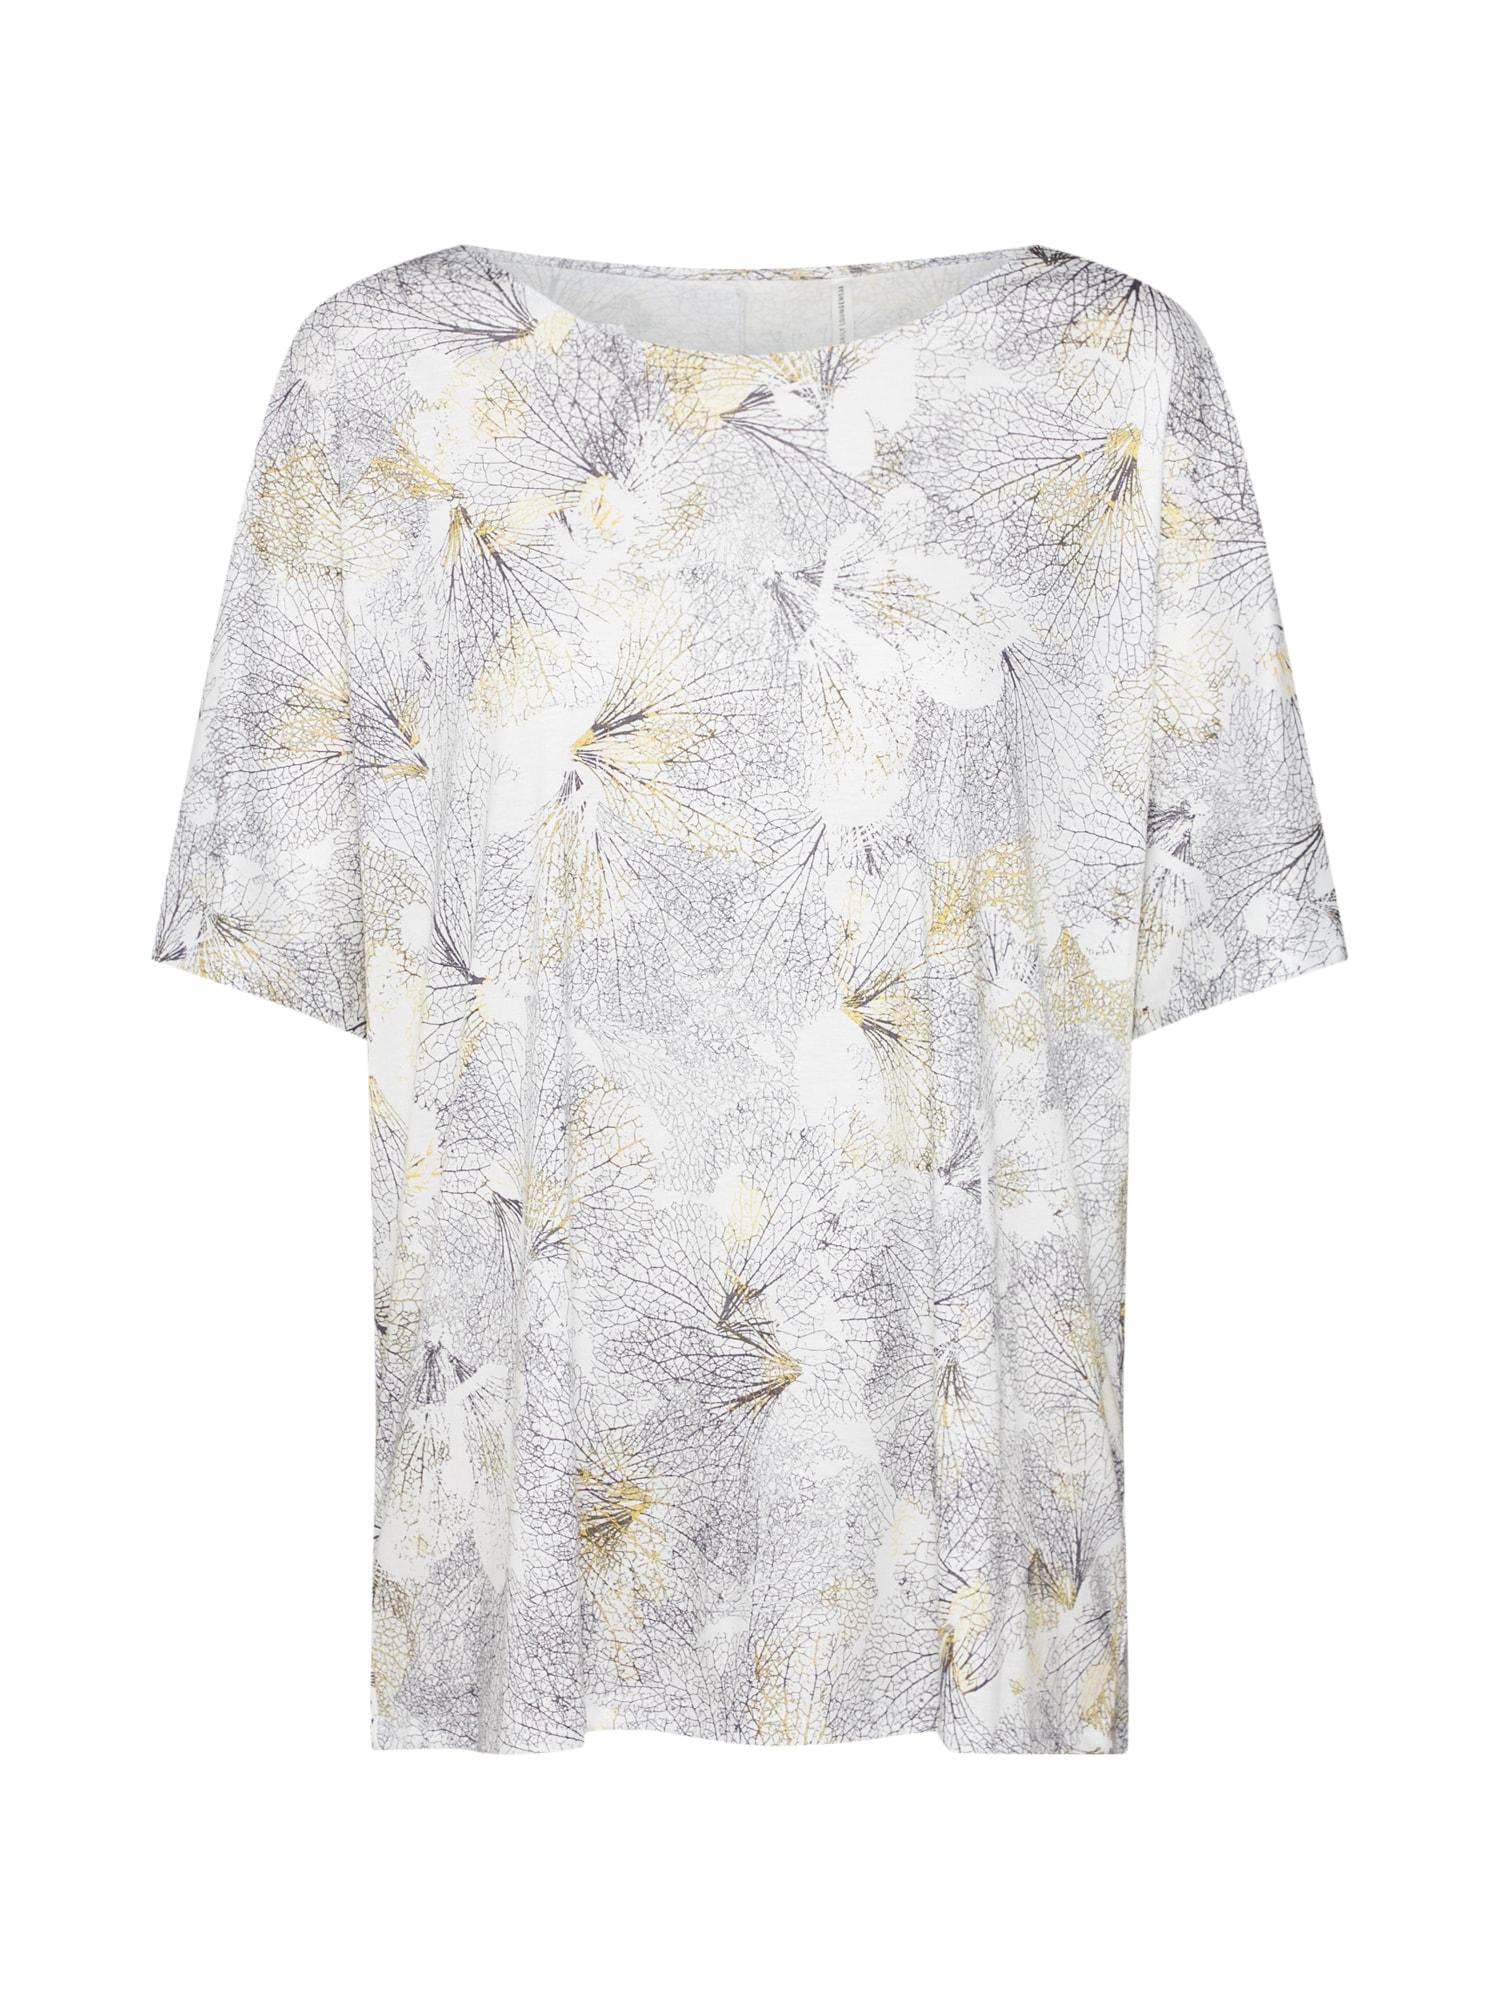 Oversized tričko Favourites Trend 3 antracitová bílá CALIDA